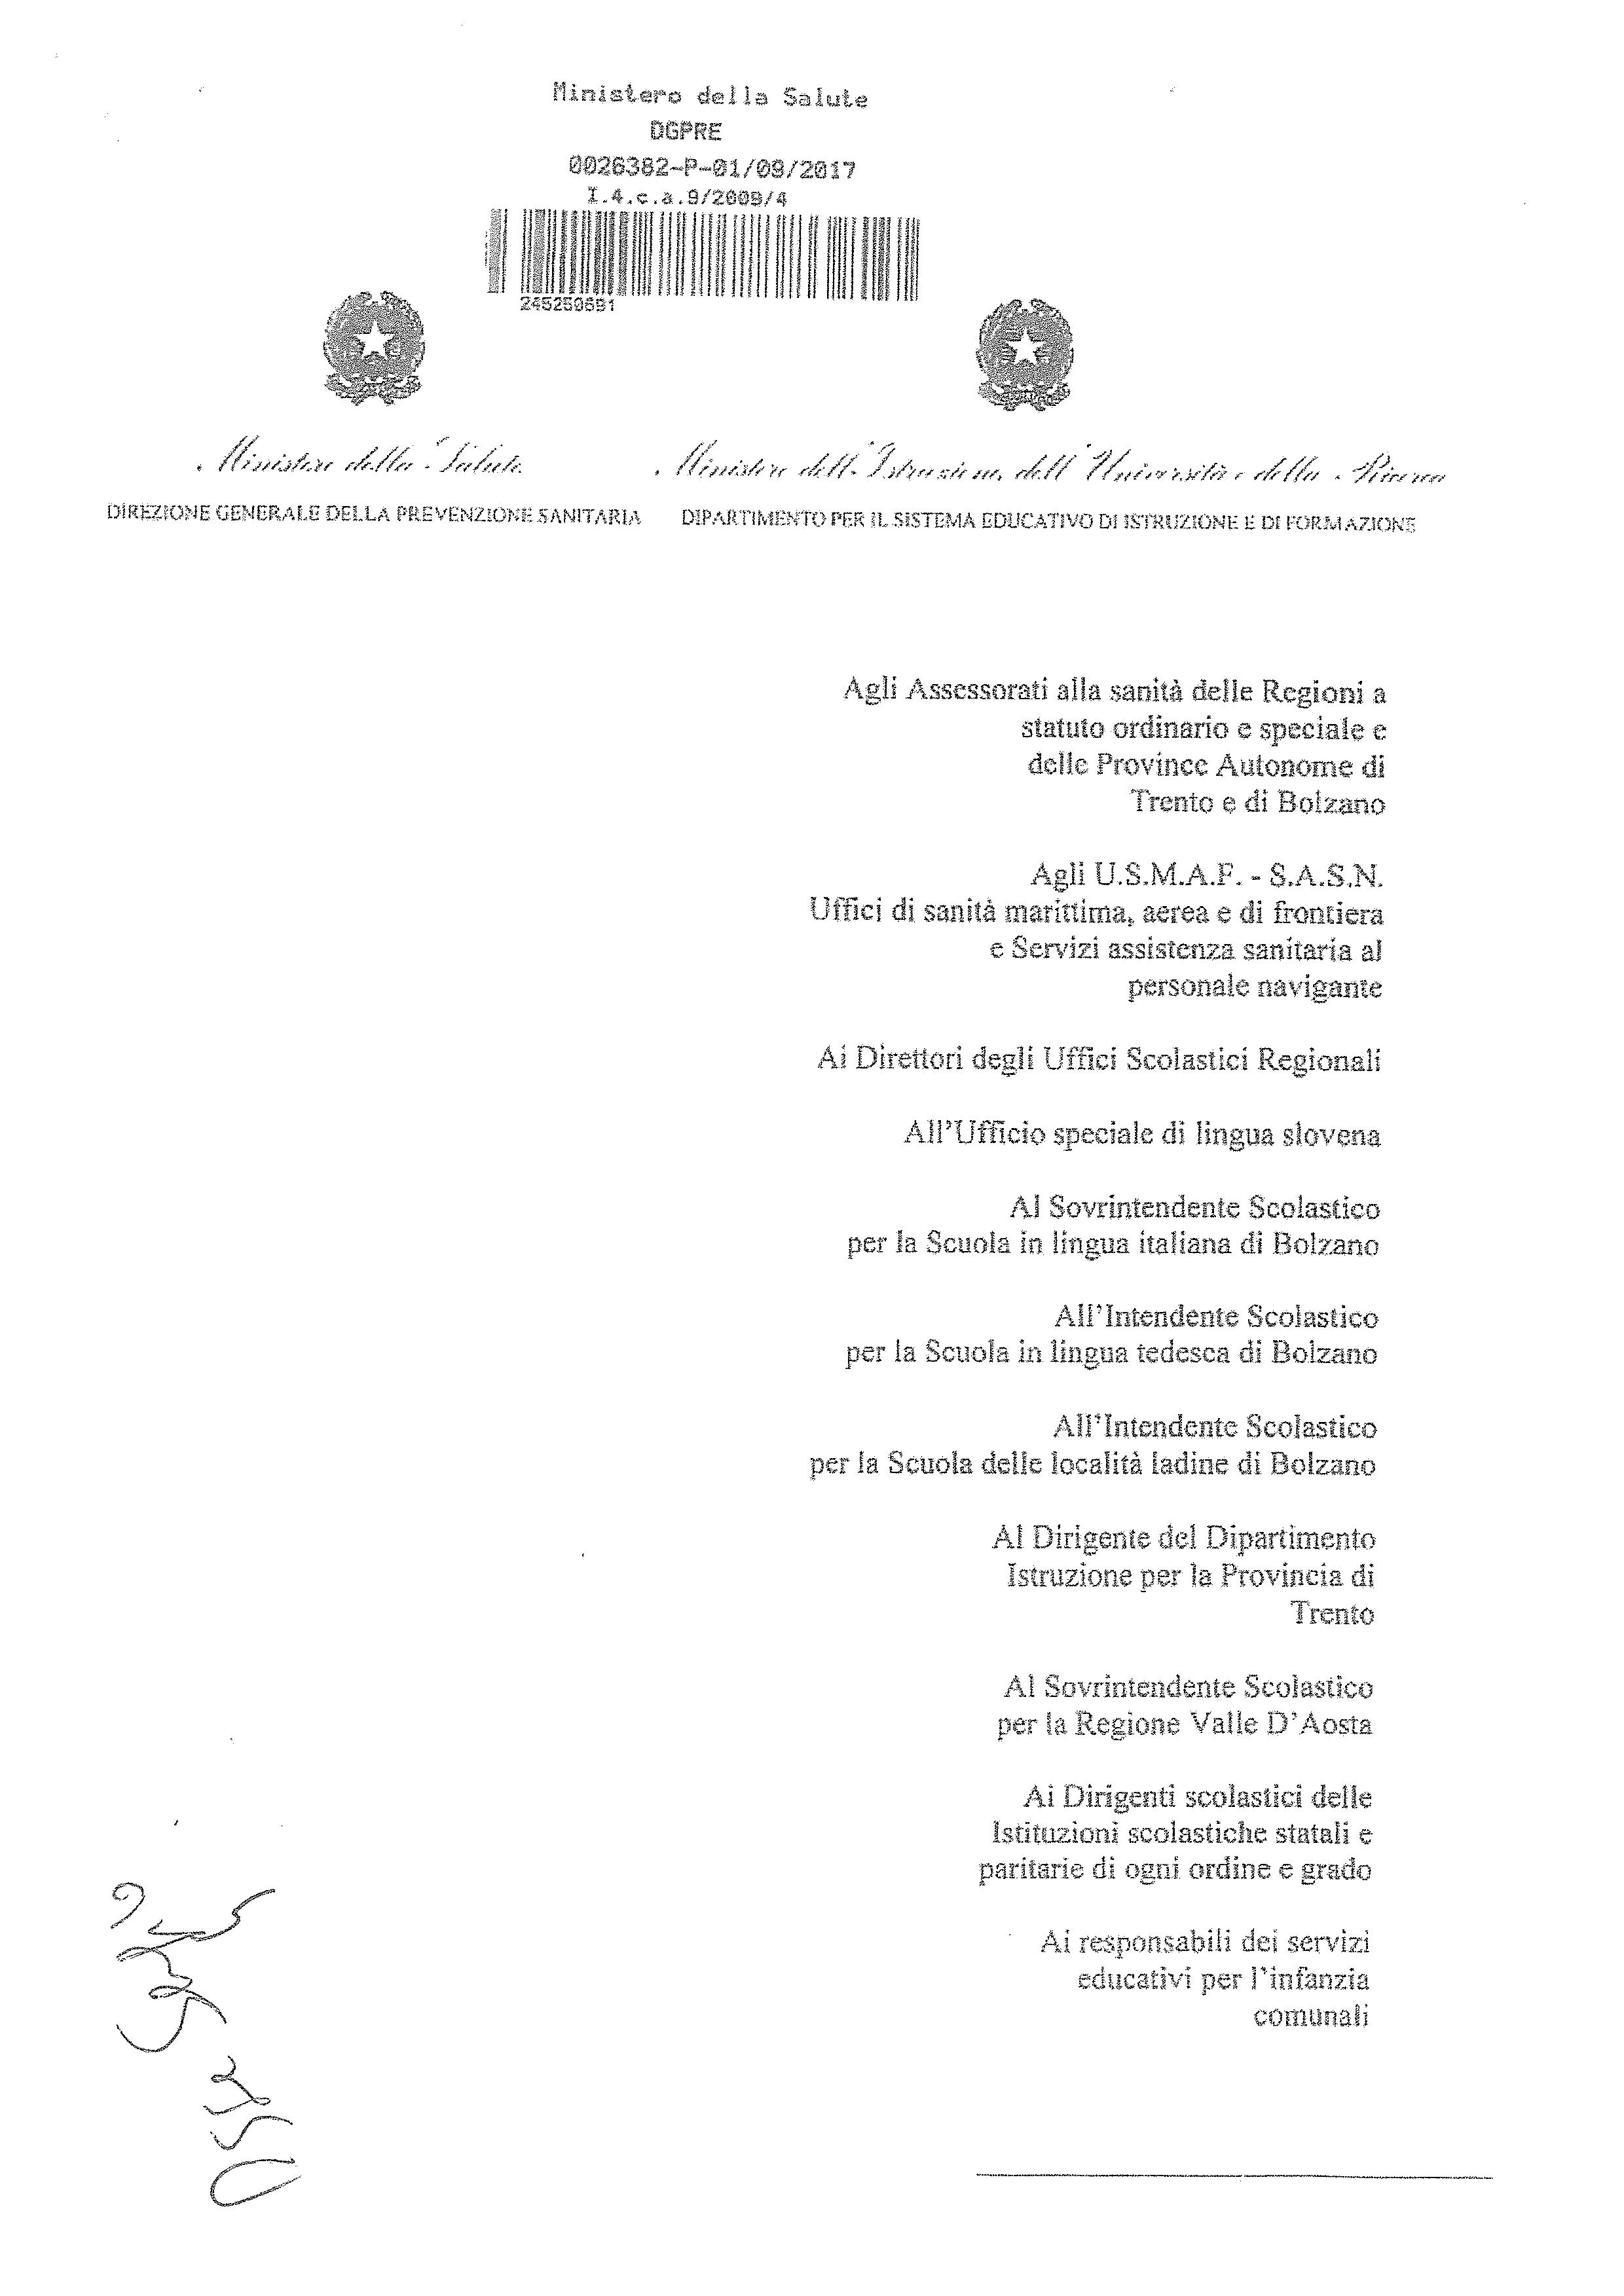 Nota Ministero della Salute 26382_Pagina_2